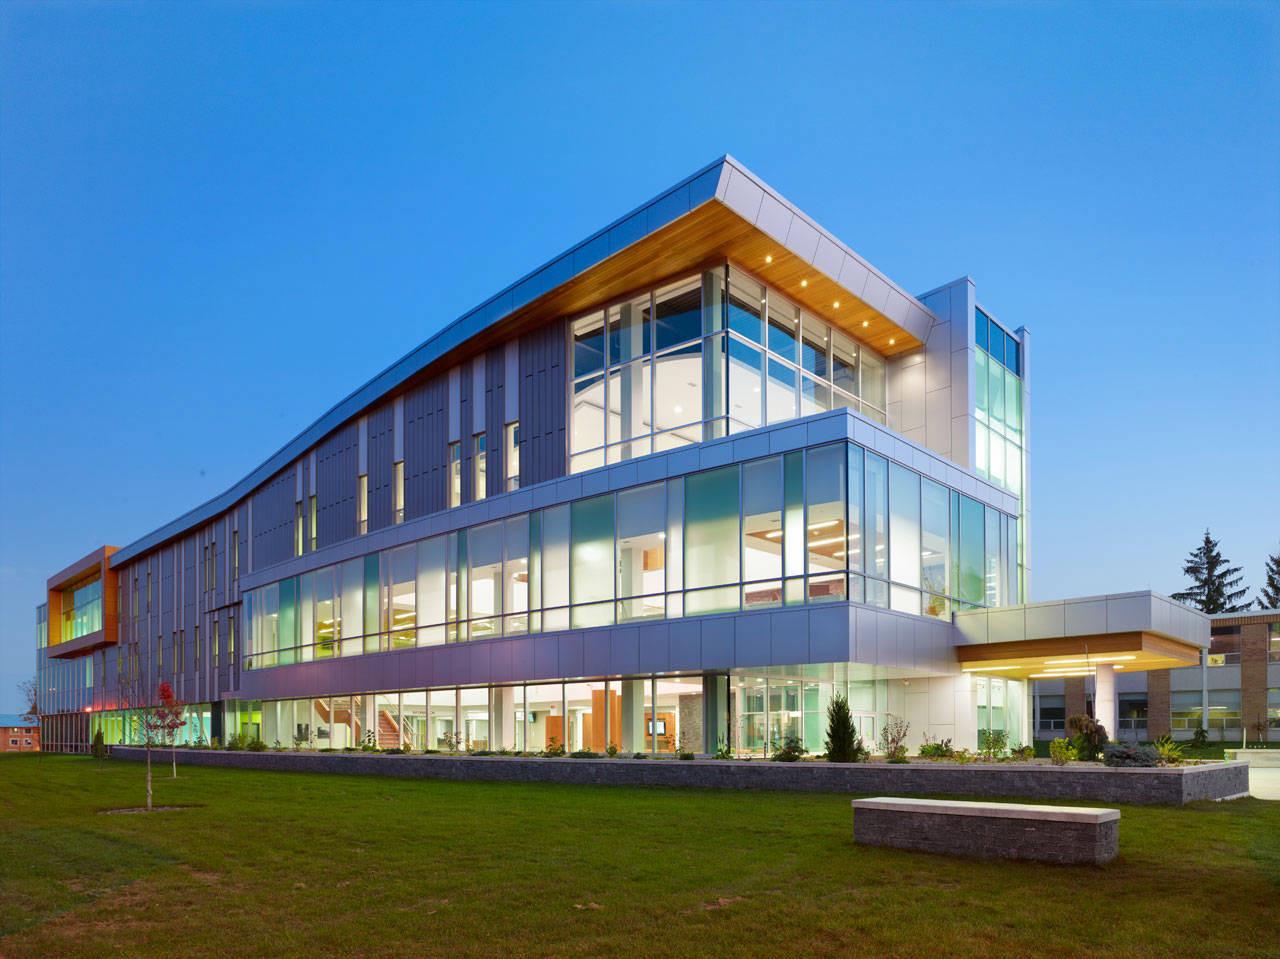 Sault College Academic Building / Architects Tillmann Ruth Robinson, © Shai Gil